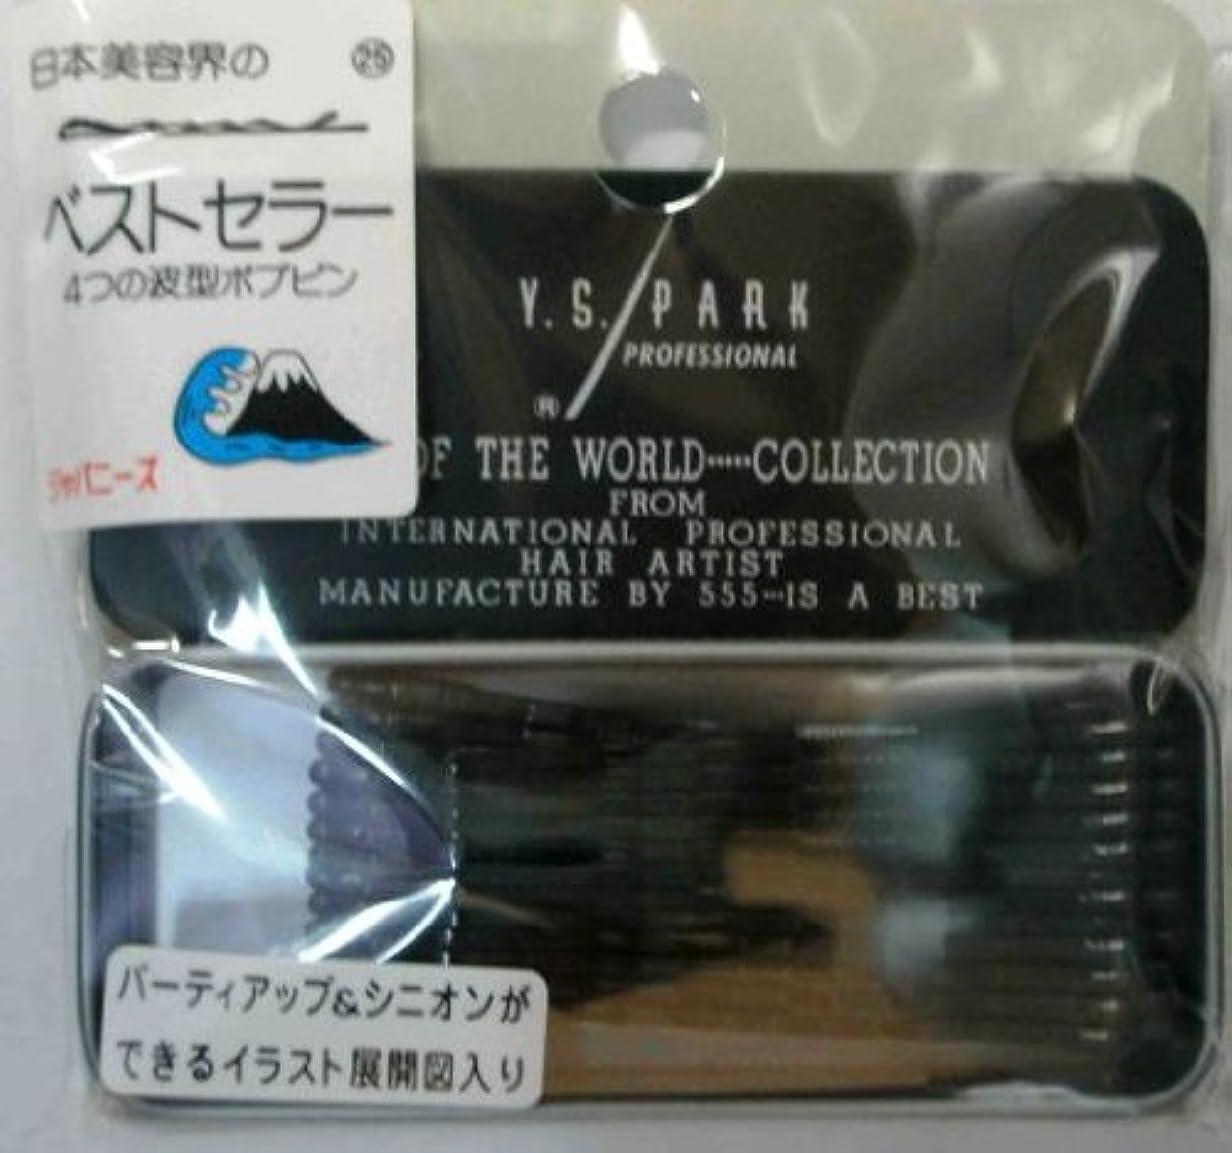 一方、斧アリY.S.PARK世界のヘアピンコレクションNo.25(ボブピン)ジャパニーズ48P